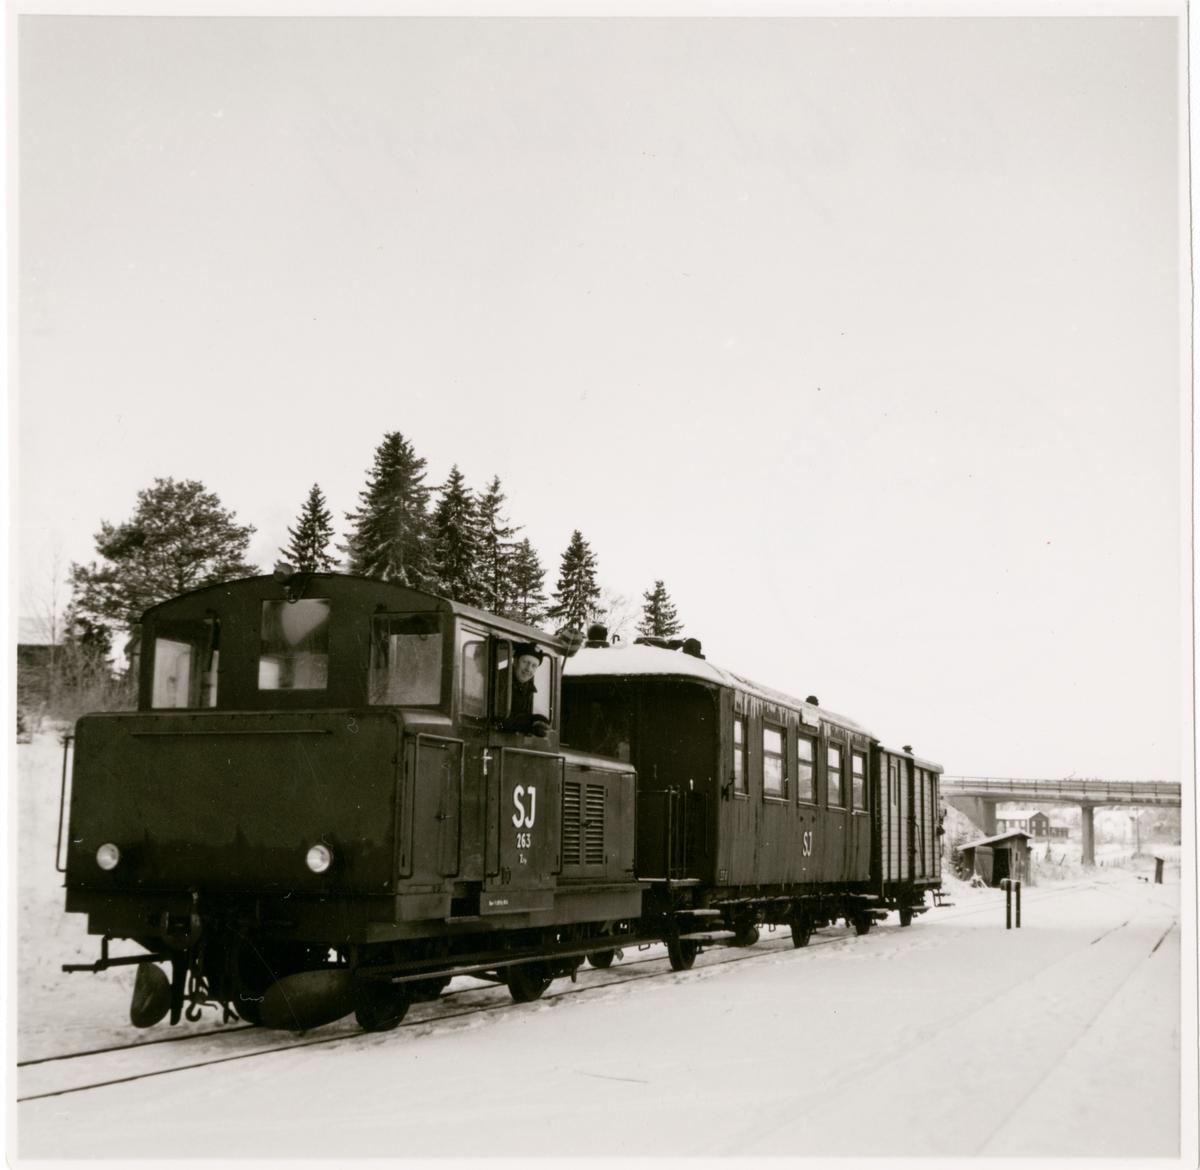 Norra Hälsingslands Järnväg, NHJ, SJ 263 Z4p tillverkad 1951, SJ 338 Personvagn, Sista tåget i Vattrångsbyn 1962.